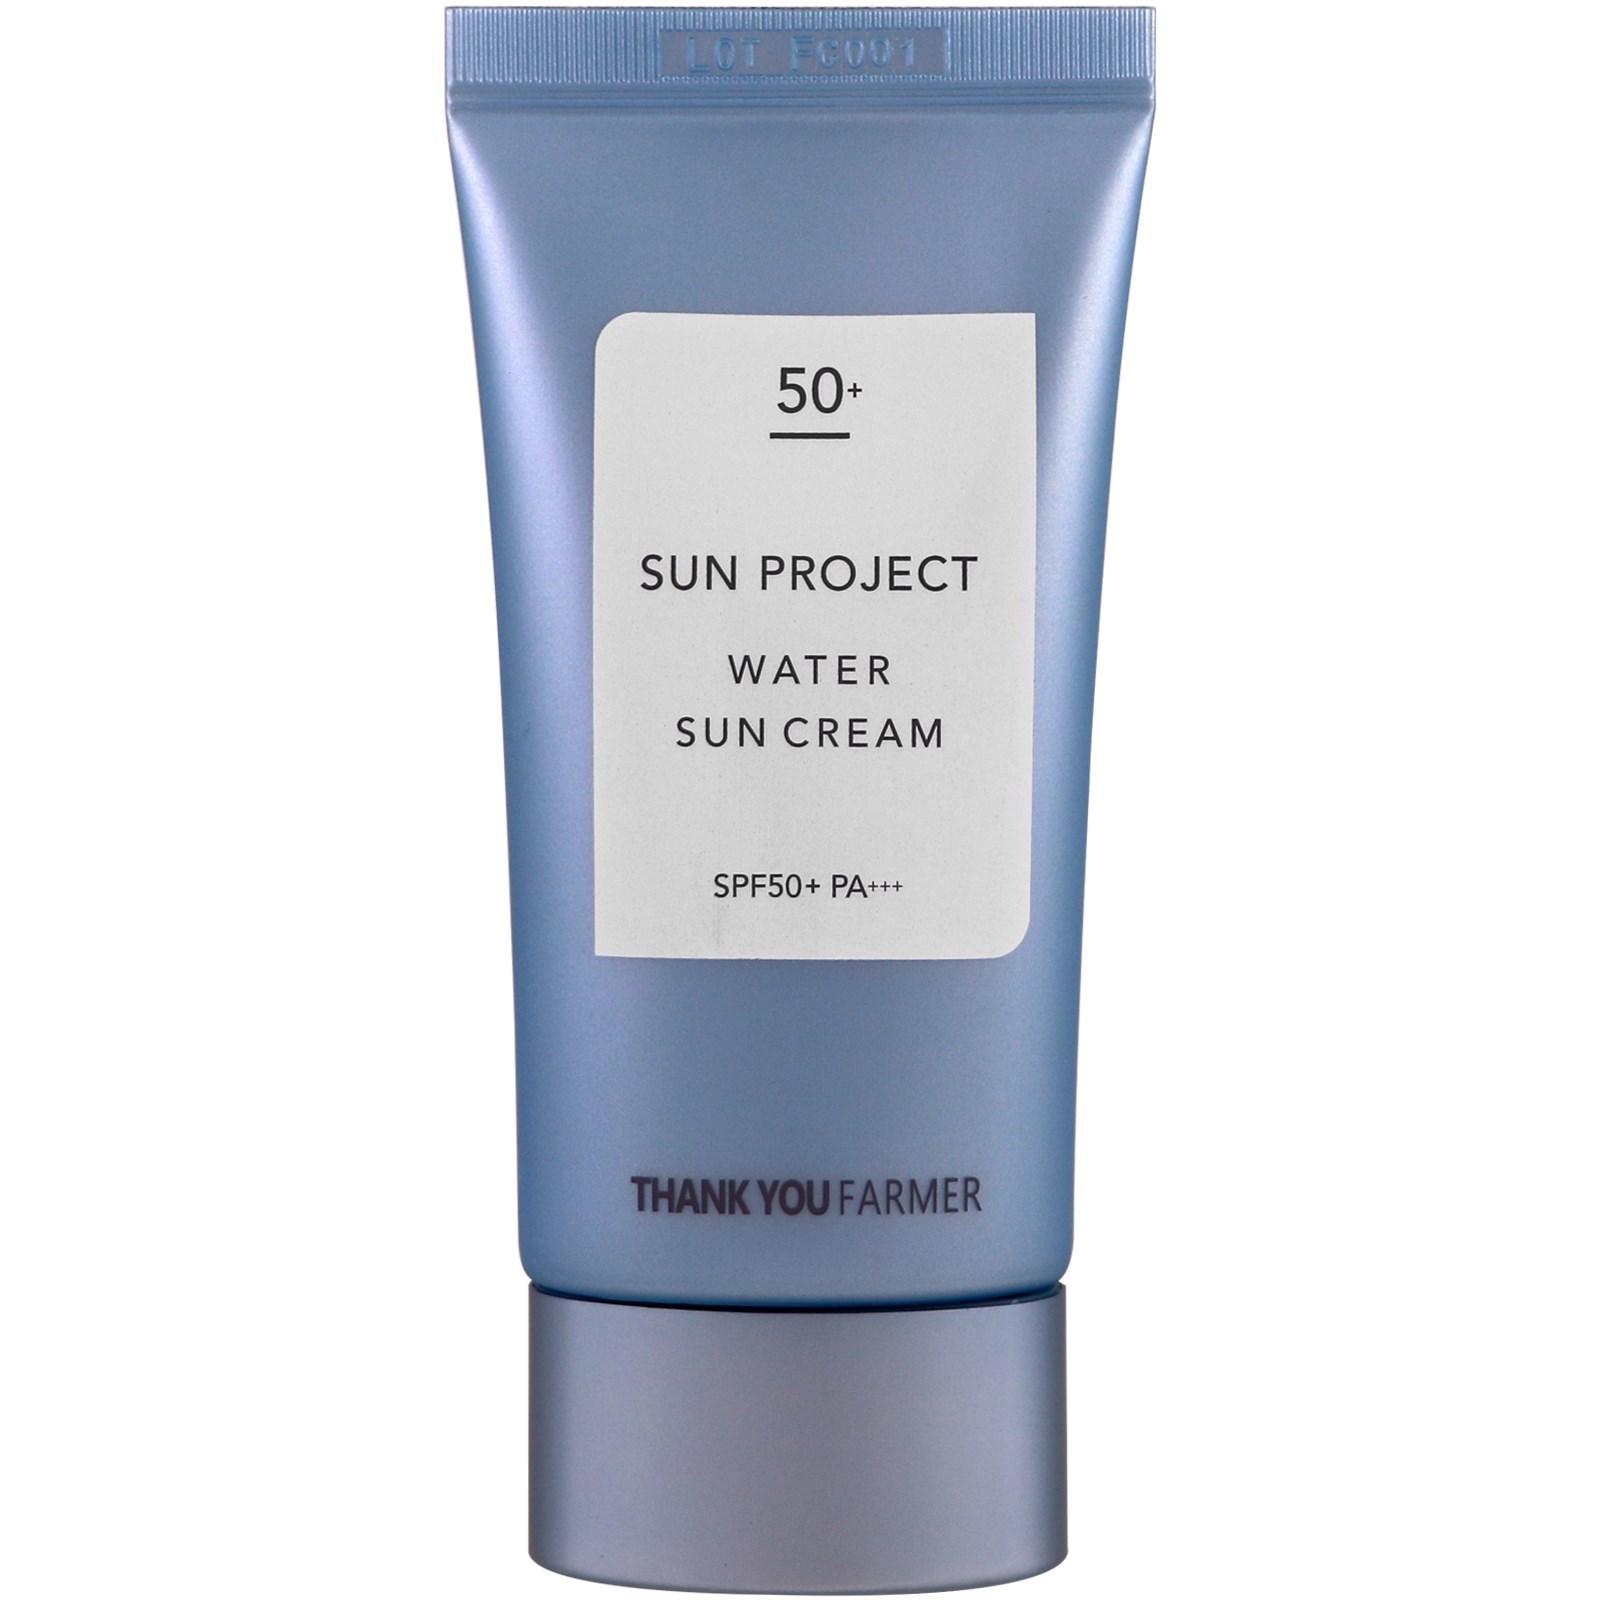 Thank You Farmer, Sun Project, Водостойкий солнцезащитный крем, солнцезащитный фактор SPF 50+, 50 мл (1,75 унций)